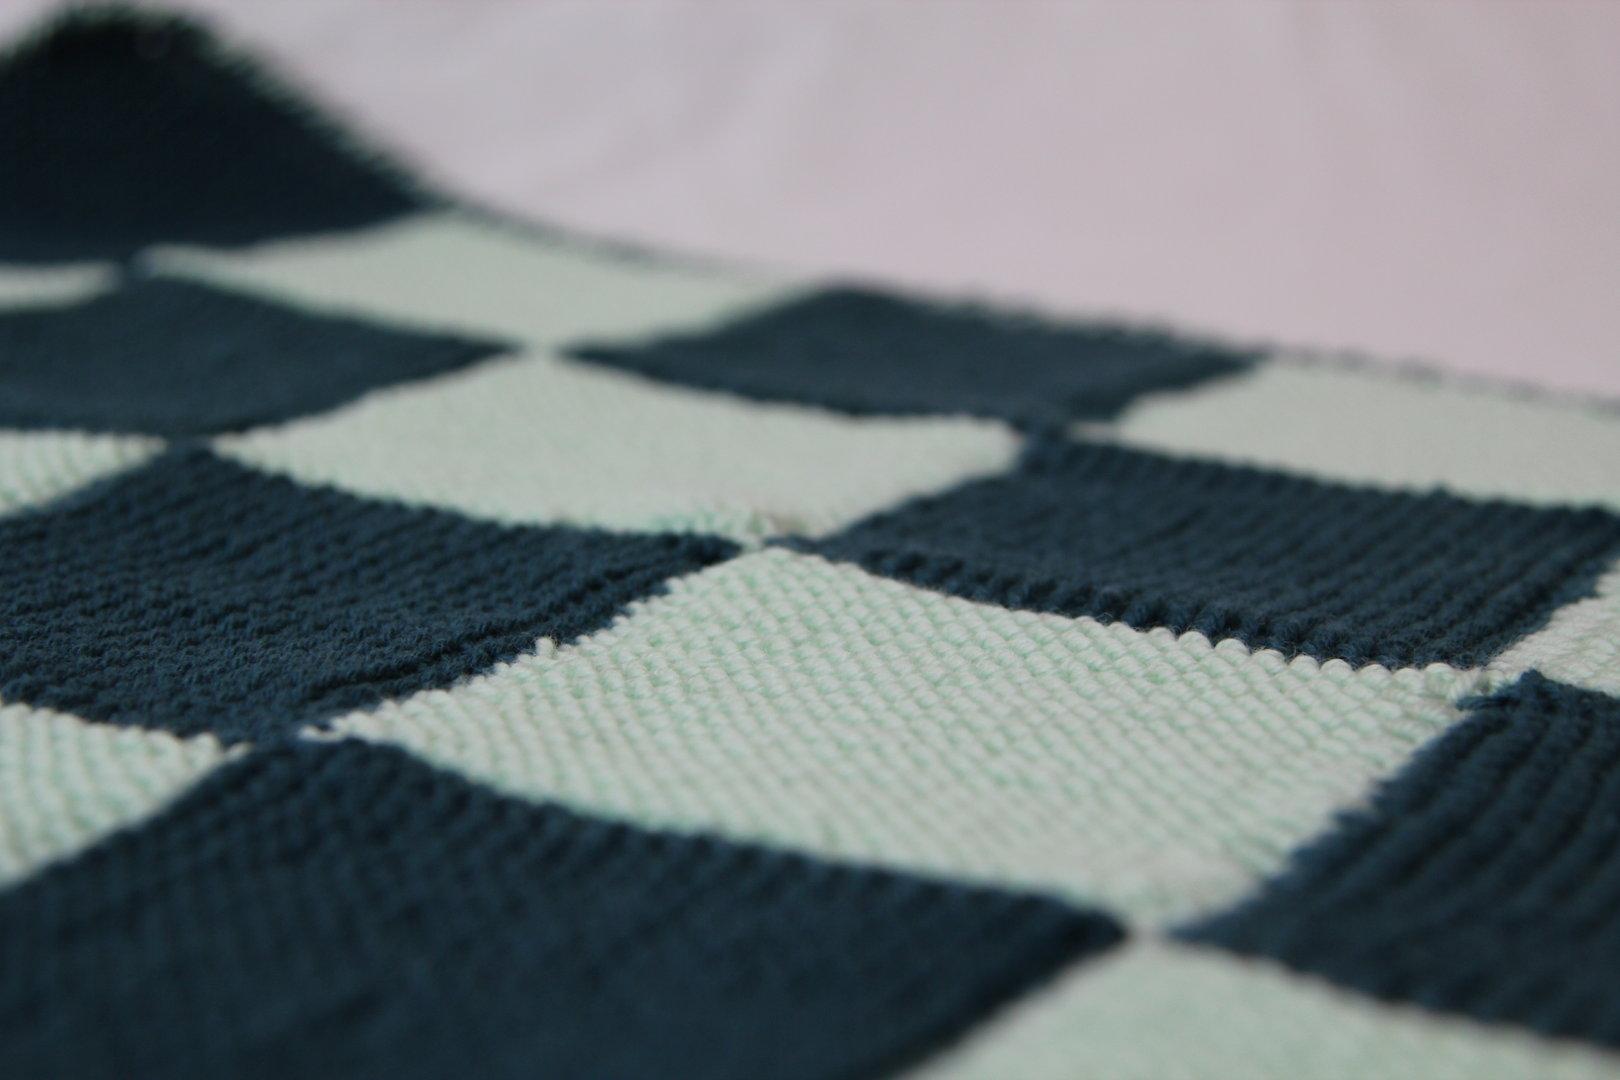 patchworkdecke stricken anleitung zum stricken einer decke. Black Bedroom Furniture Sets. Home Design Ideas